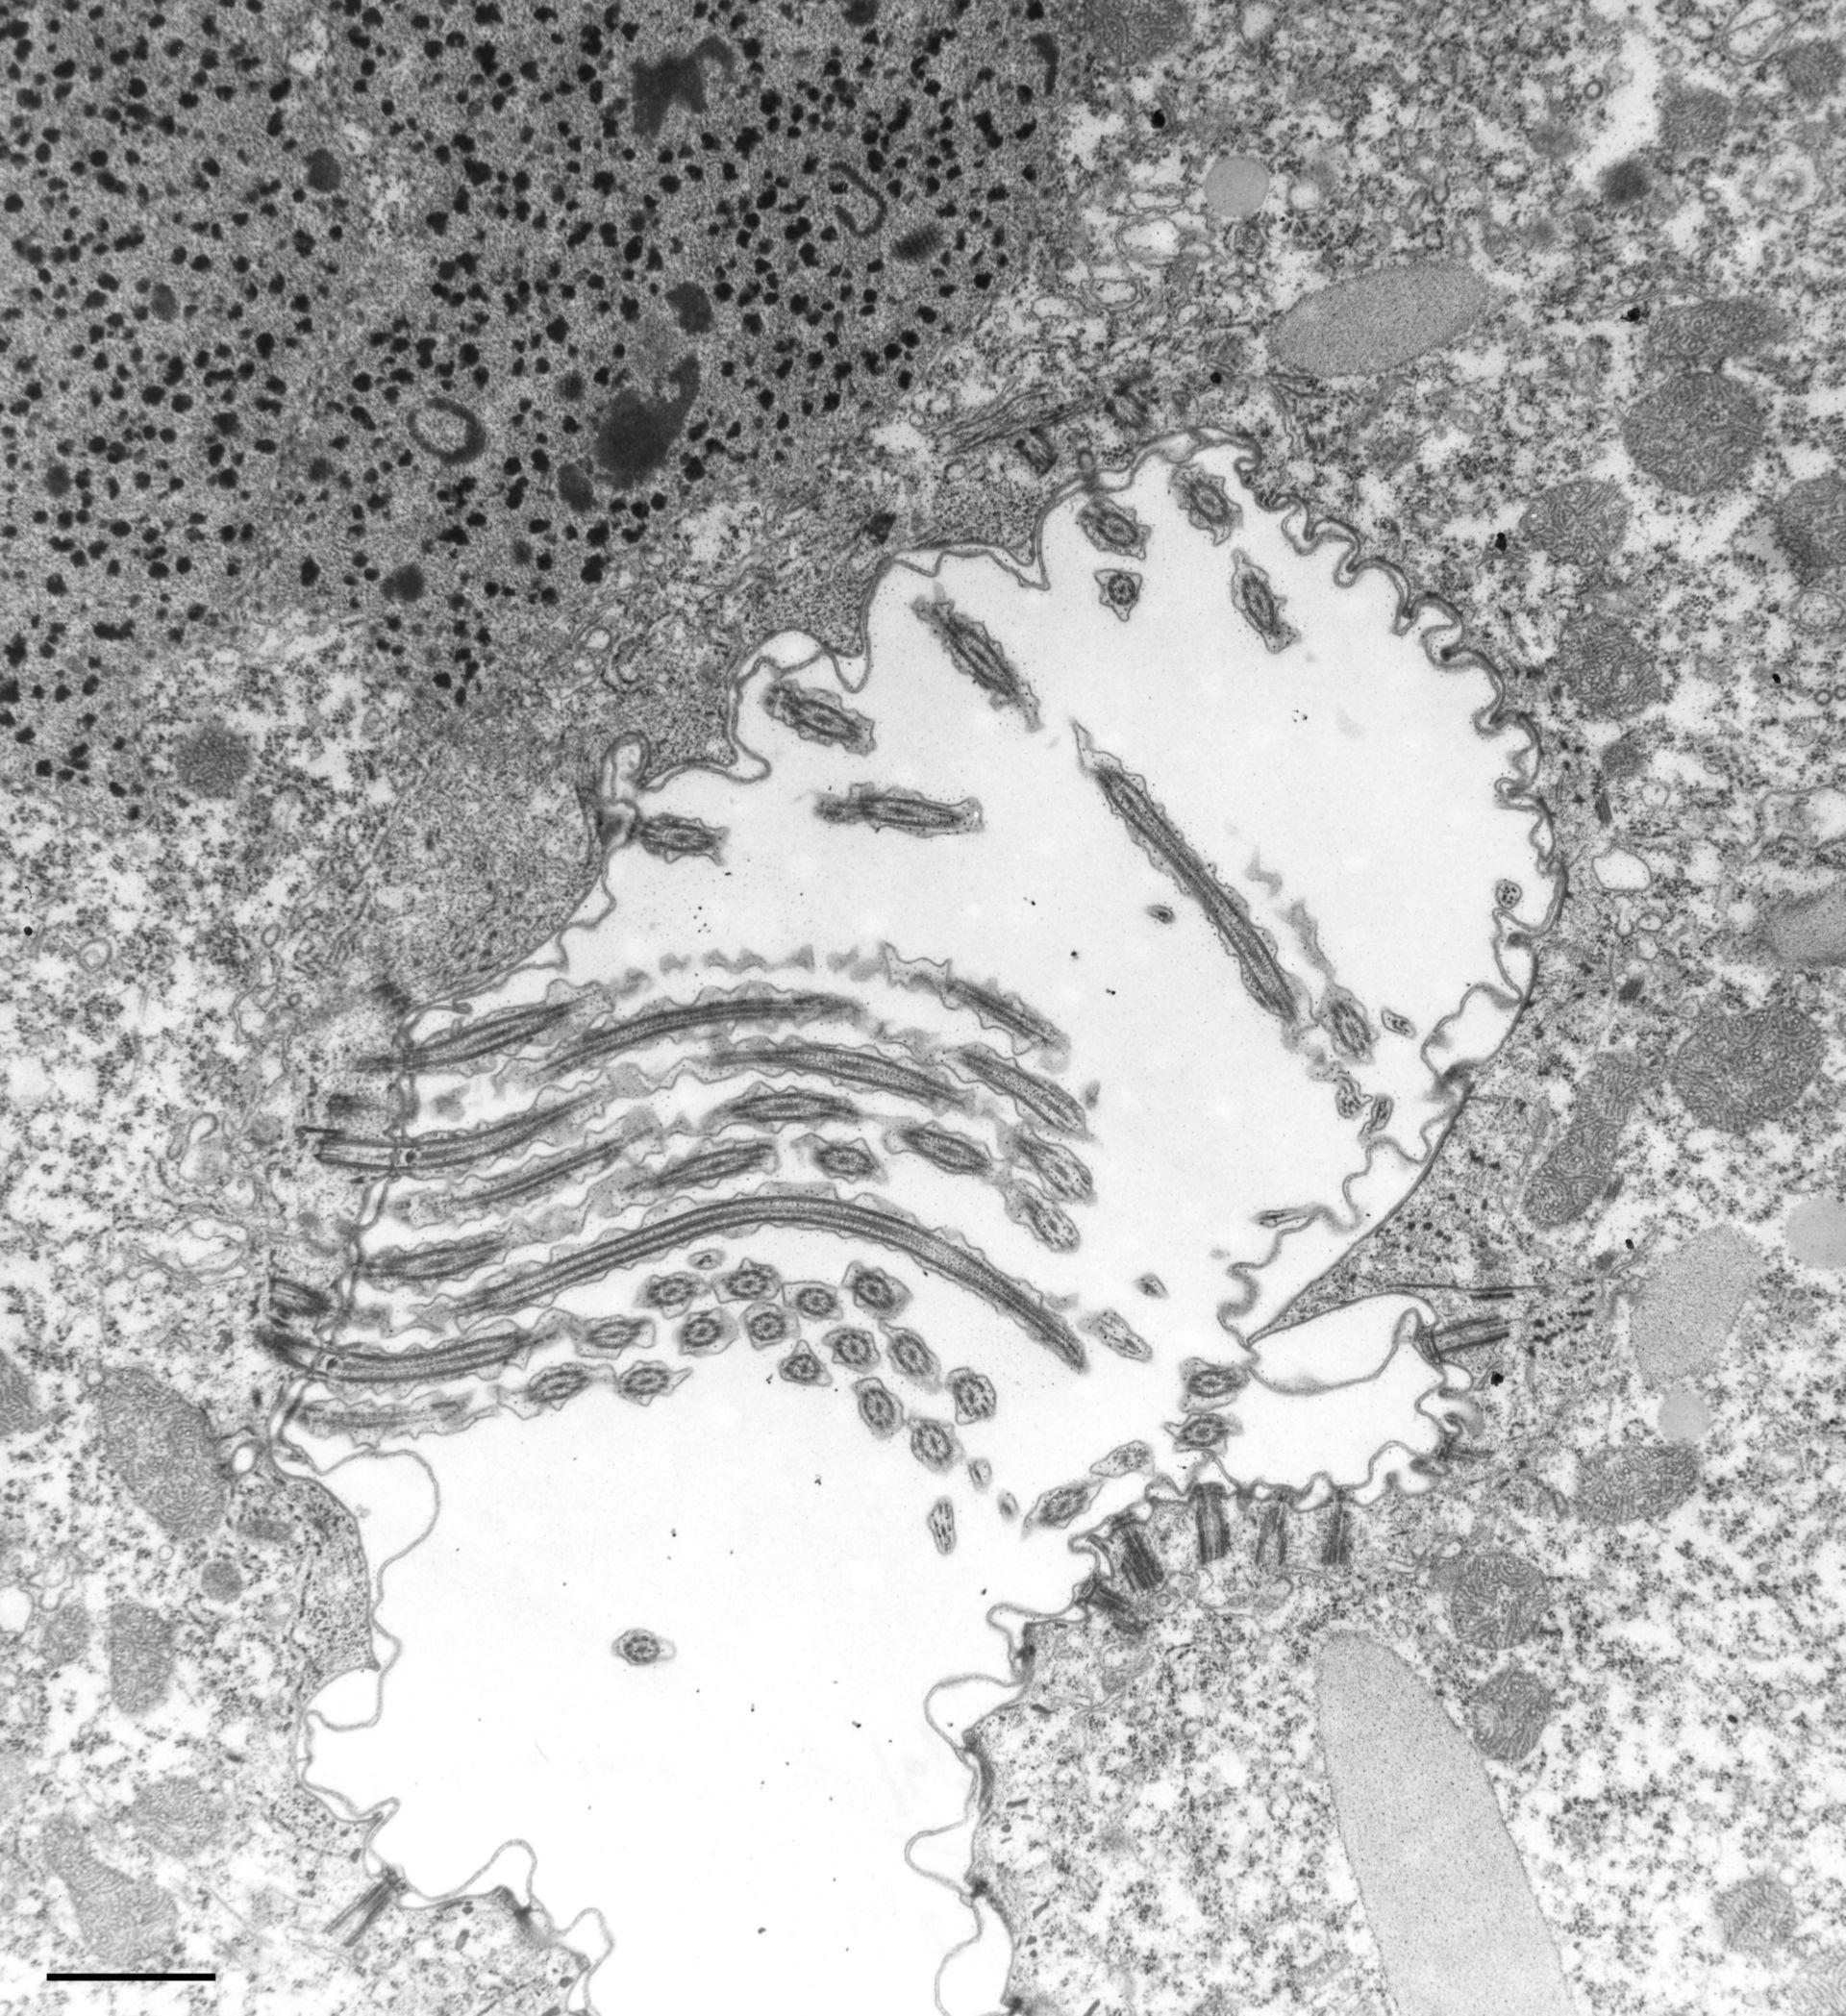 Paramecium caudatum (apparato orale) - CIL:36774